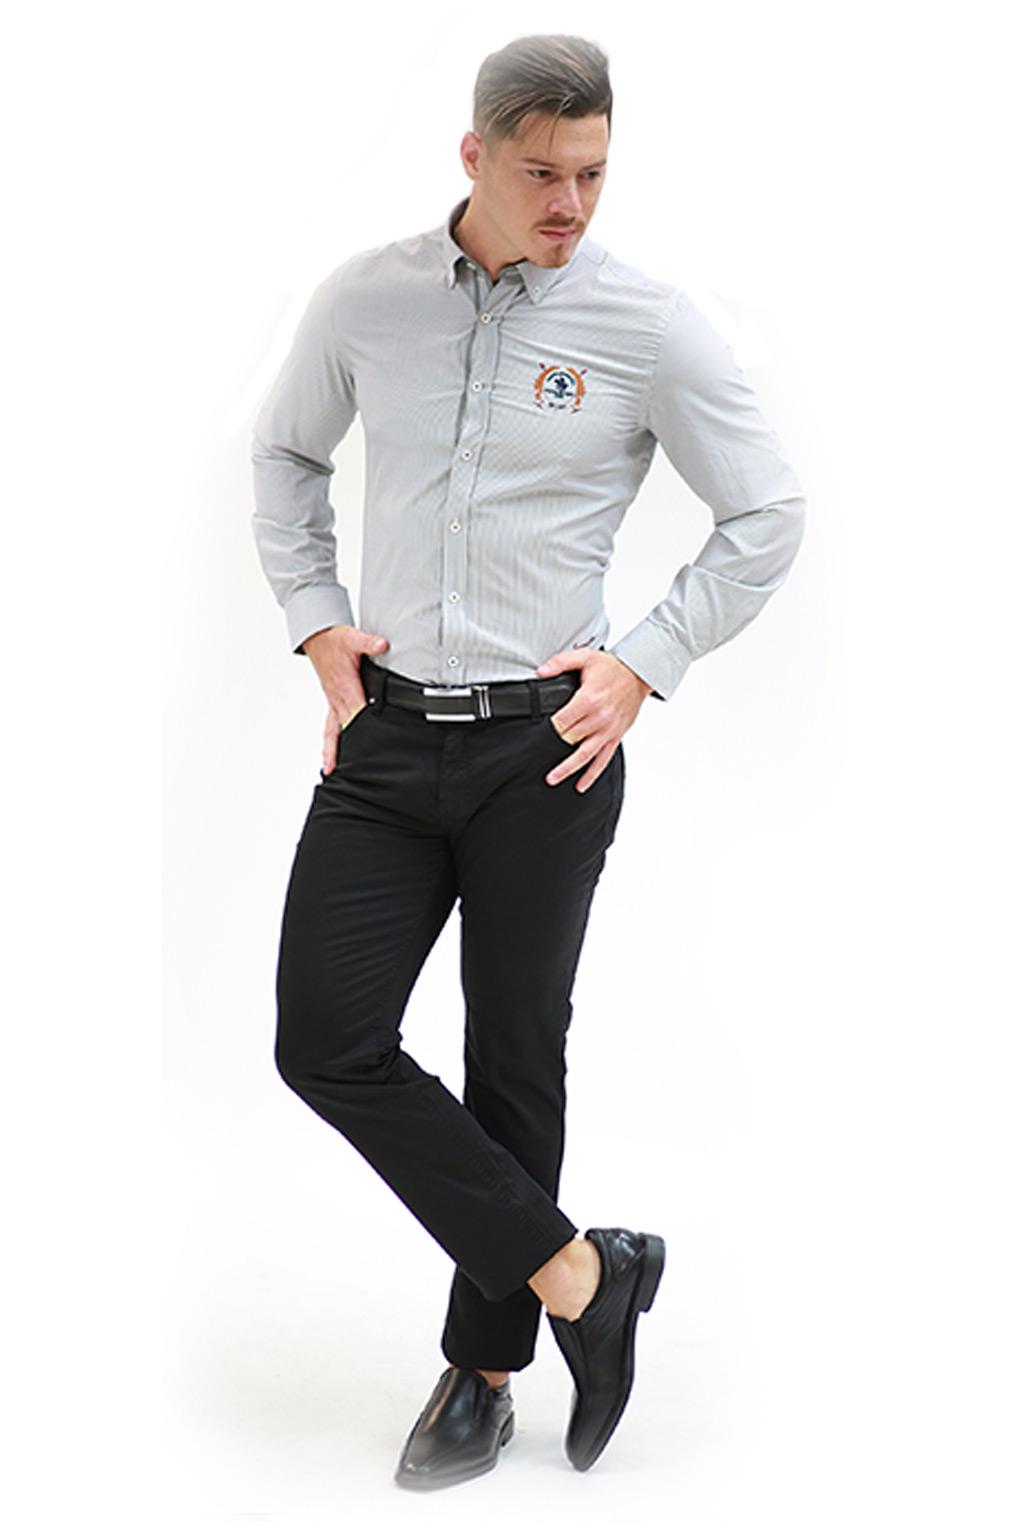 חולצת פסים מכופתרת לגבר - צבע לבחירה